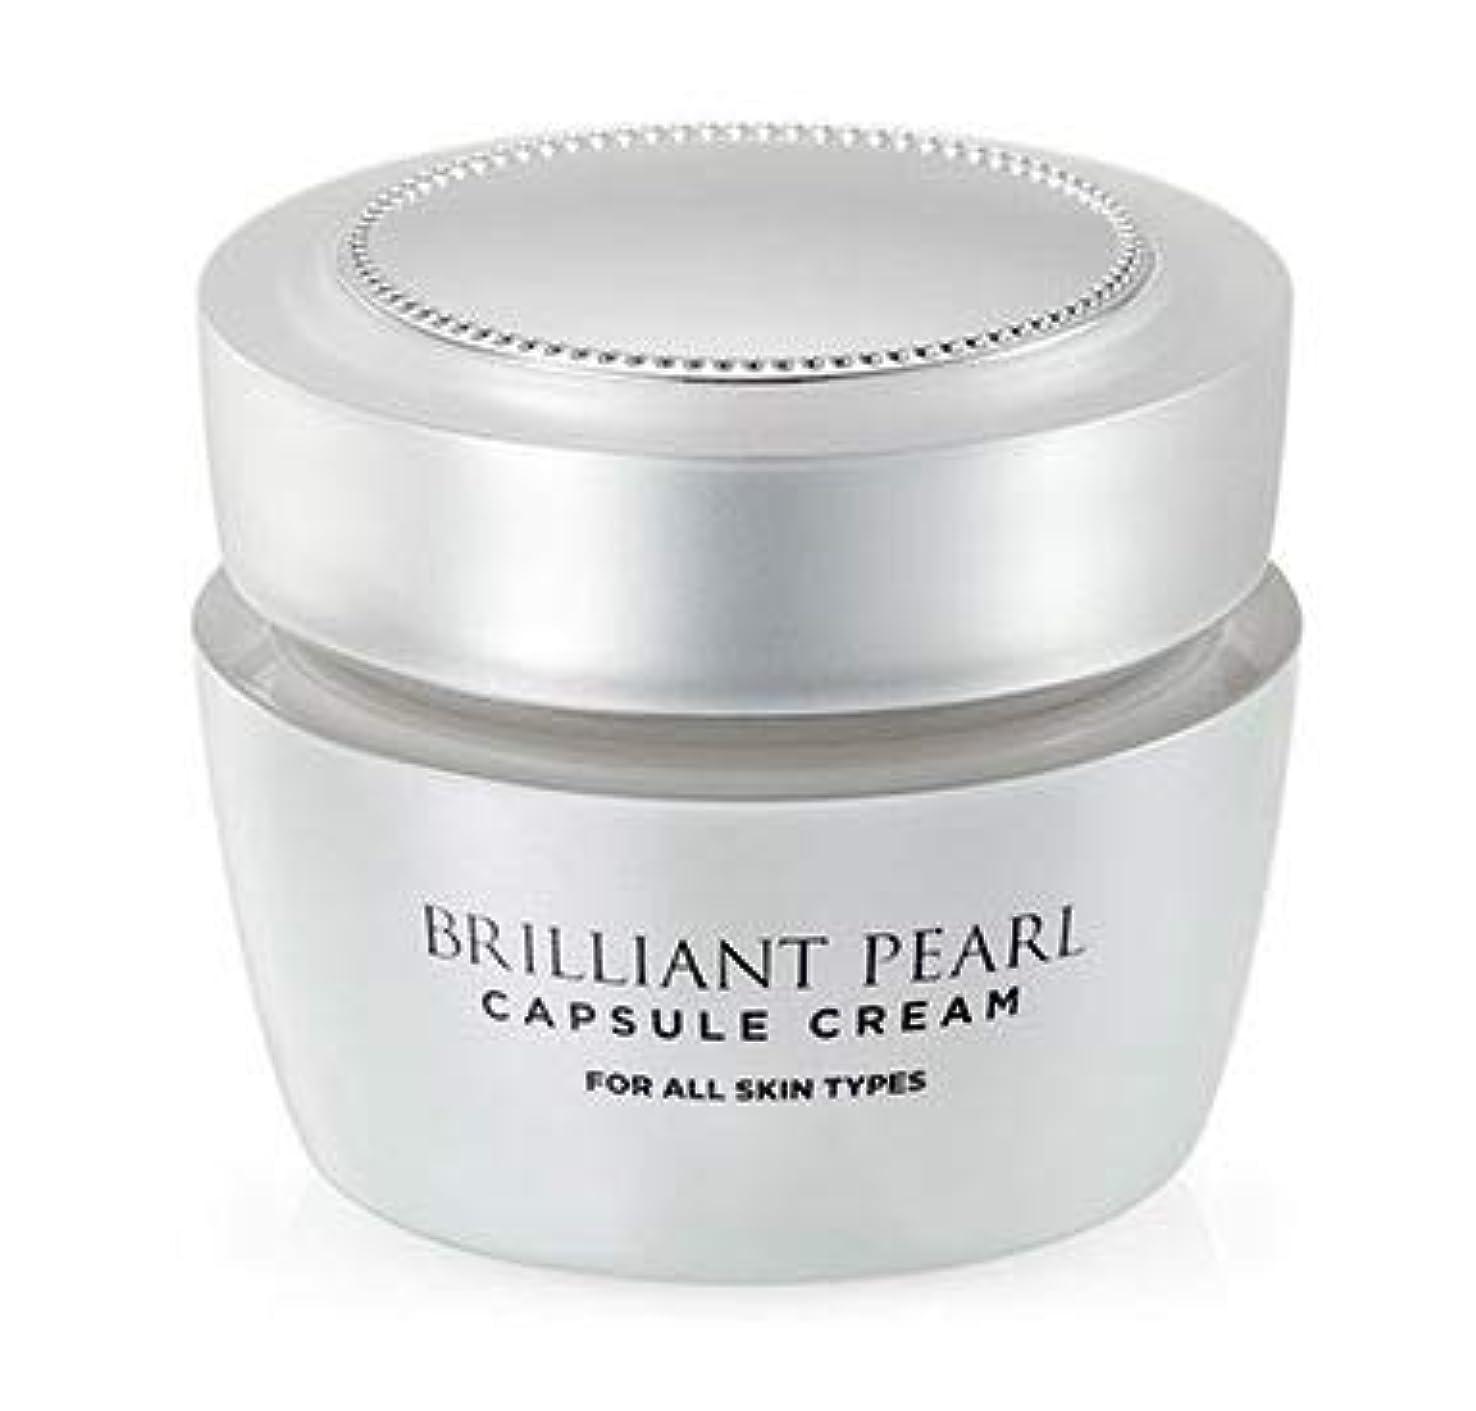 スタッフ幻想勝者[A.H.C] Brilliant Pearl Capsule Cream 50g /ブリリアントパールカプセルクリーム50g [並行輸入品]